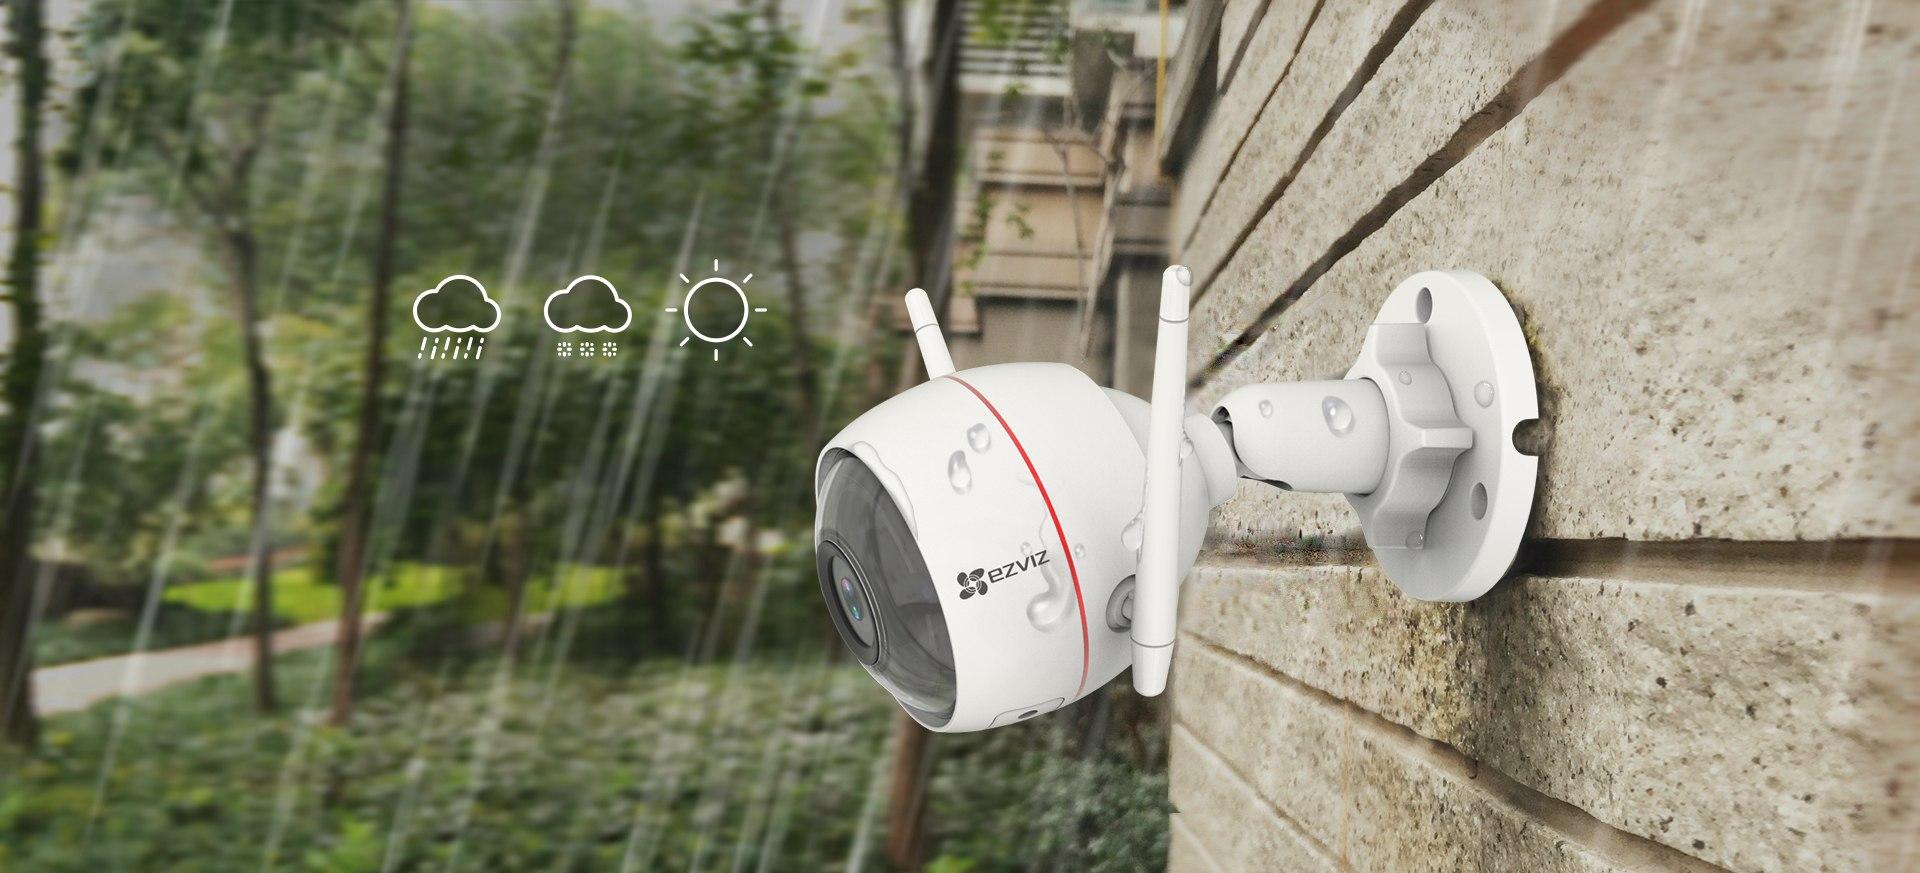 Camera Ezviz C3W 1080p ip 66